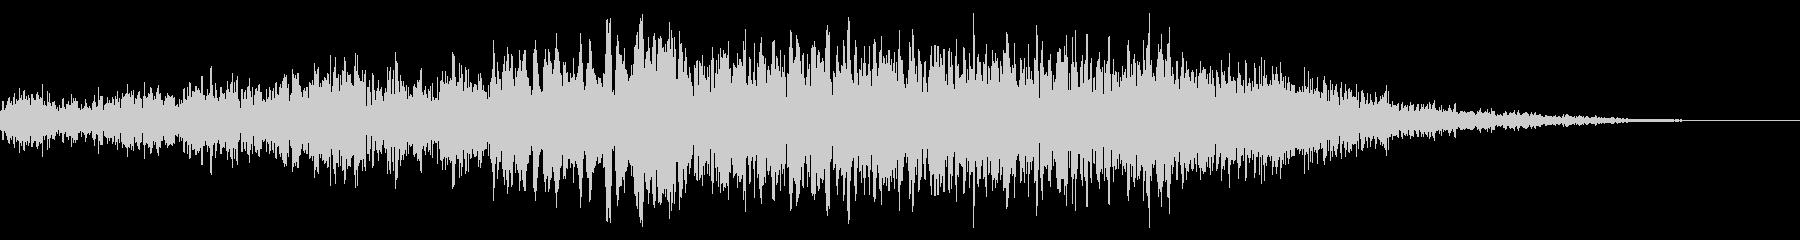 ディープブルーシンセライザーの未再生の波形